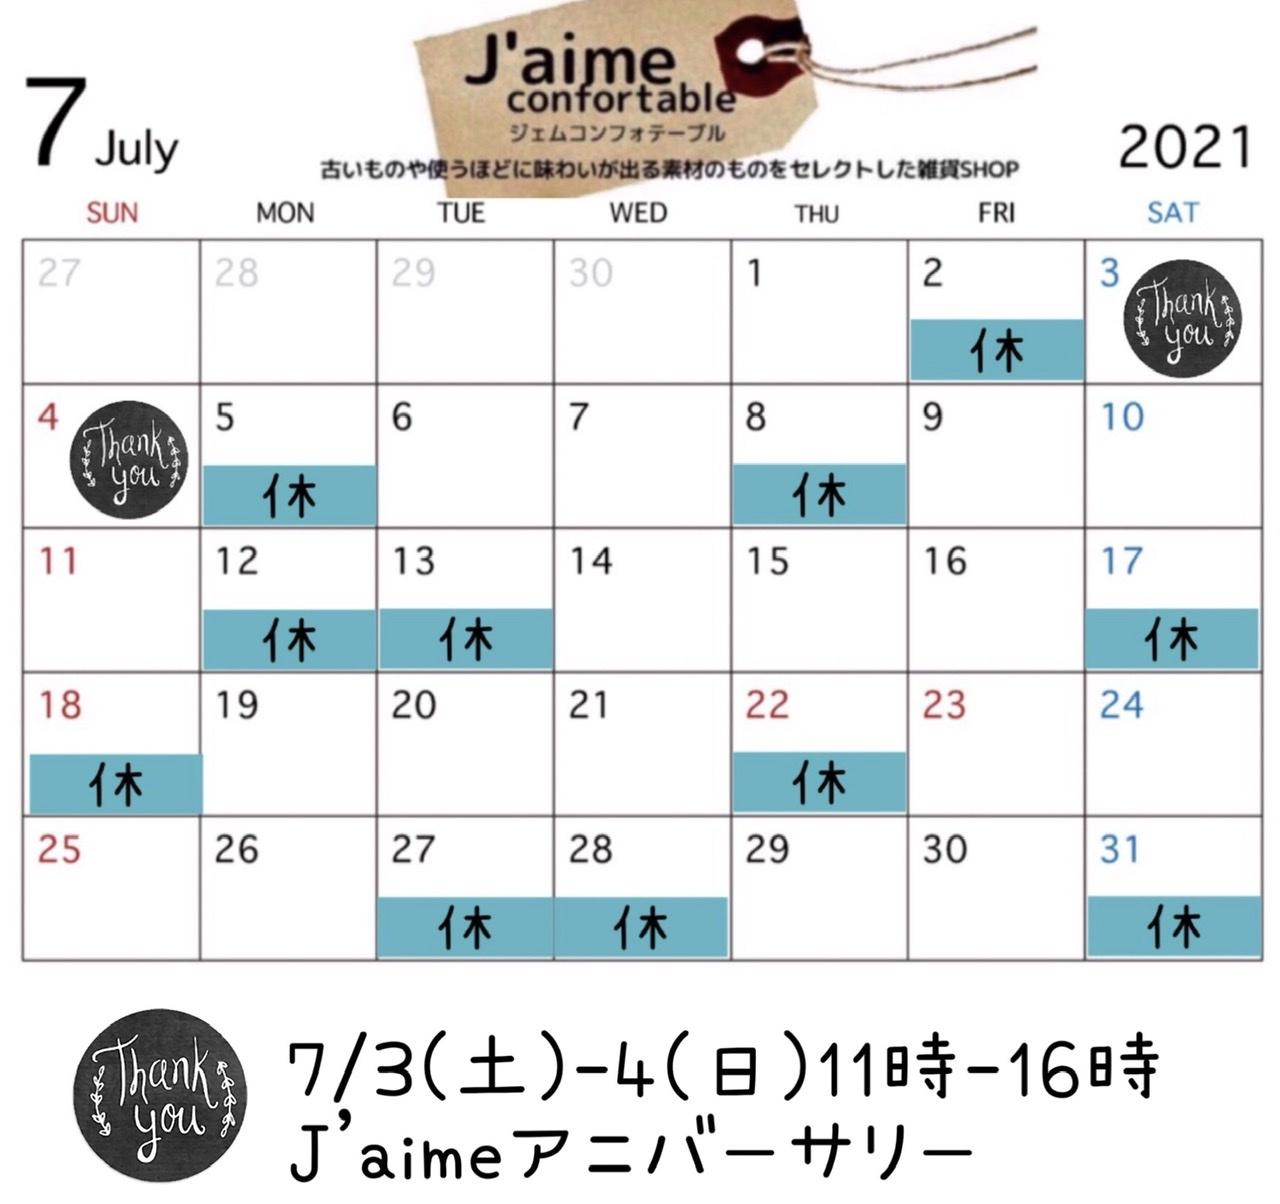 2021.7月 営業日_f0103304_11114236.jpeg